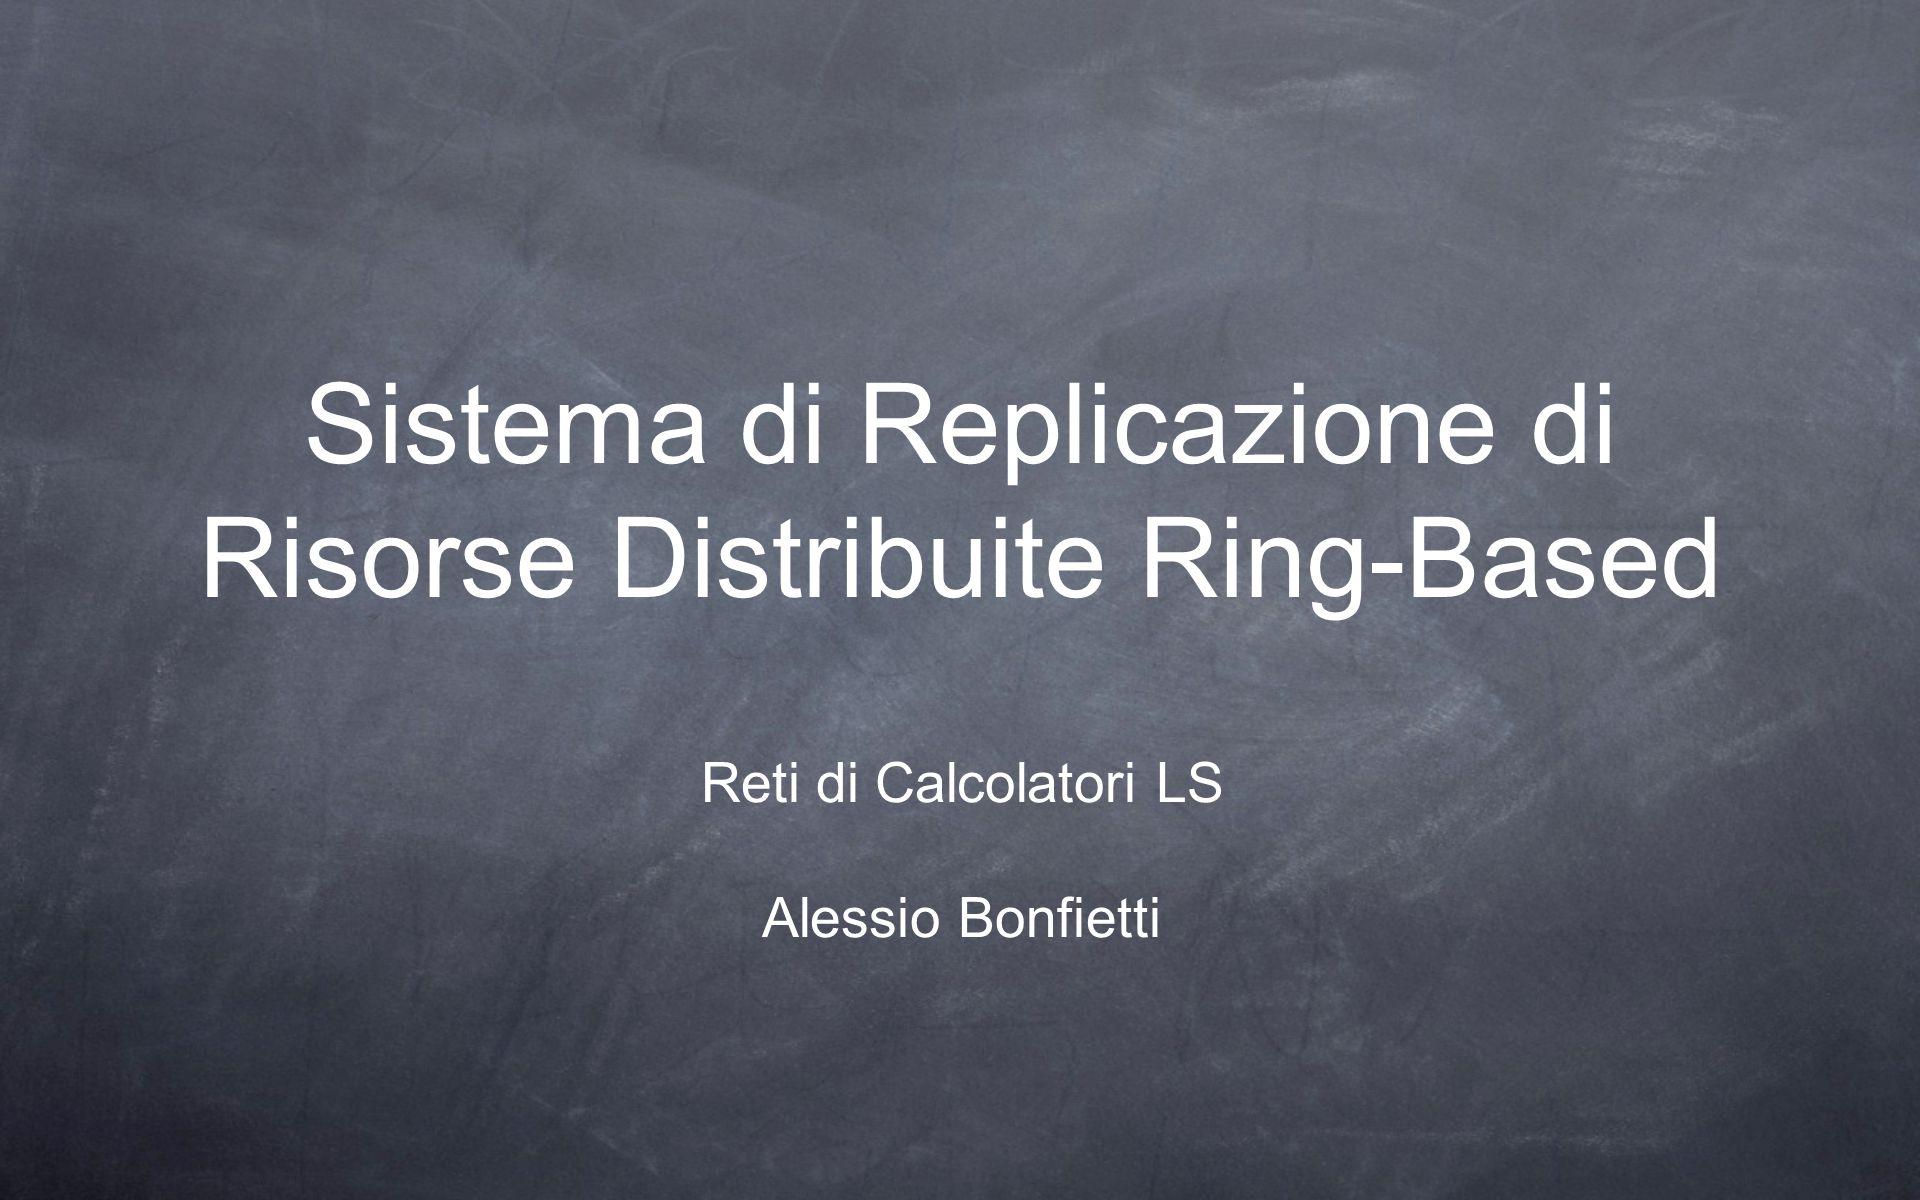 Sistema di Replicazione di Risorse Distribuite Ring-Based Reti di Calcolatori LS Alessio Bonfietti